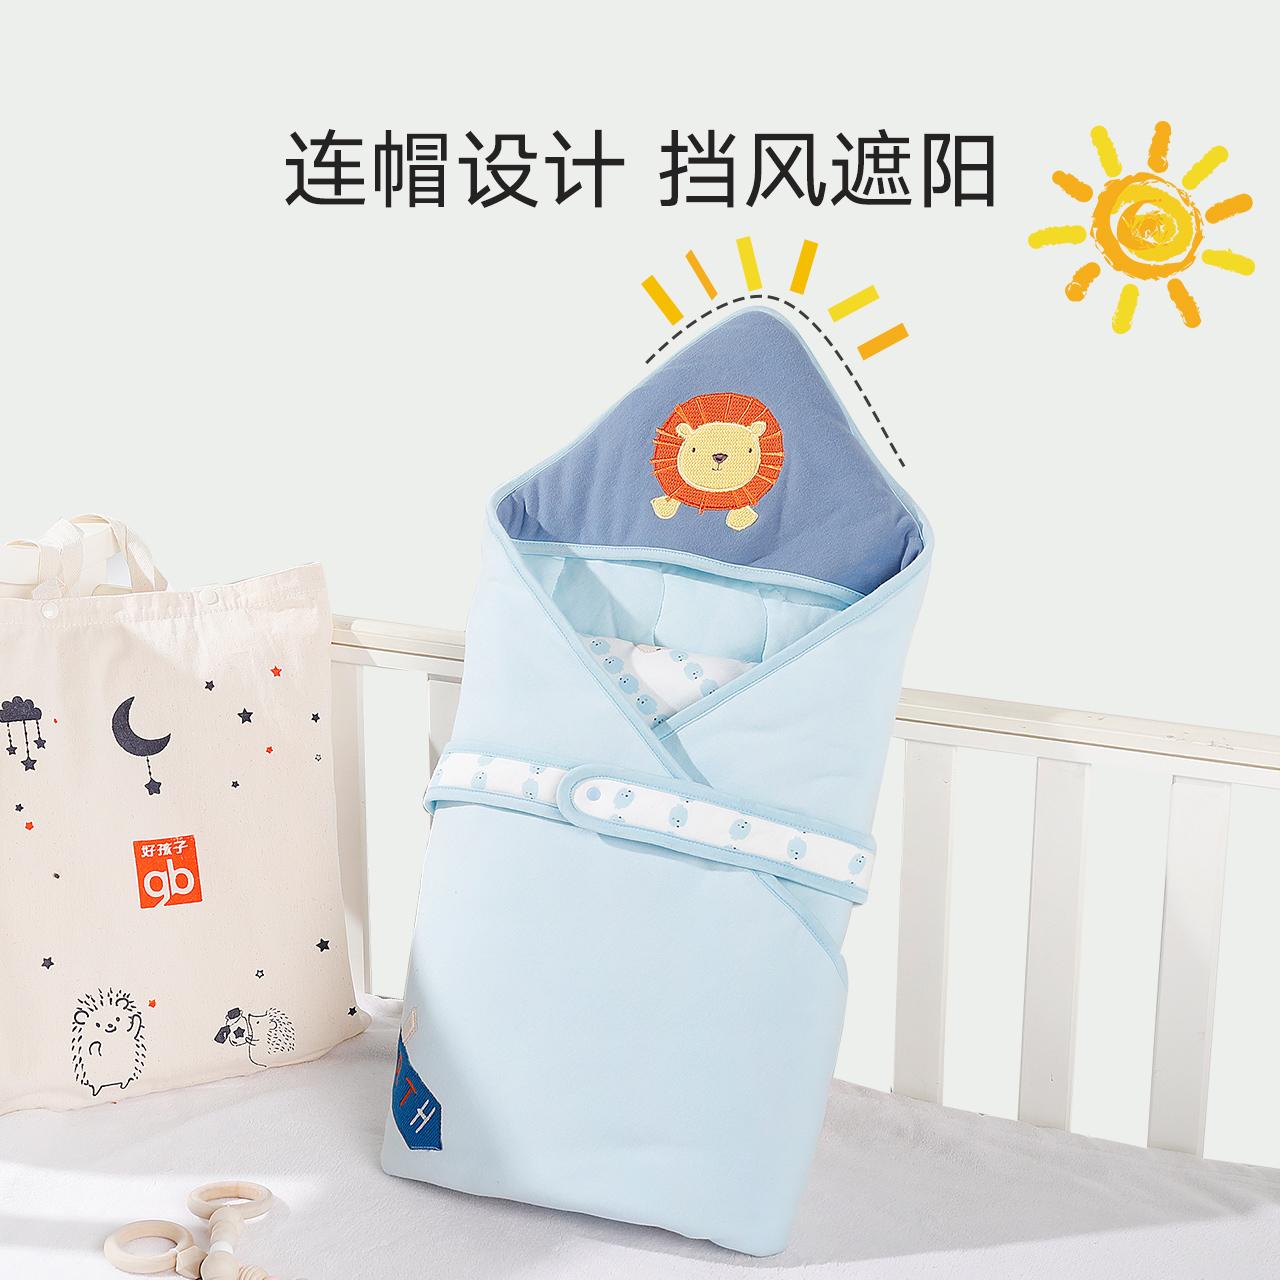 好孩子婴儿抱被秋冬款加厚纯棉初生新生儿襁褓包秋冬季宝宝包被